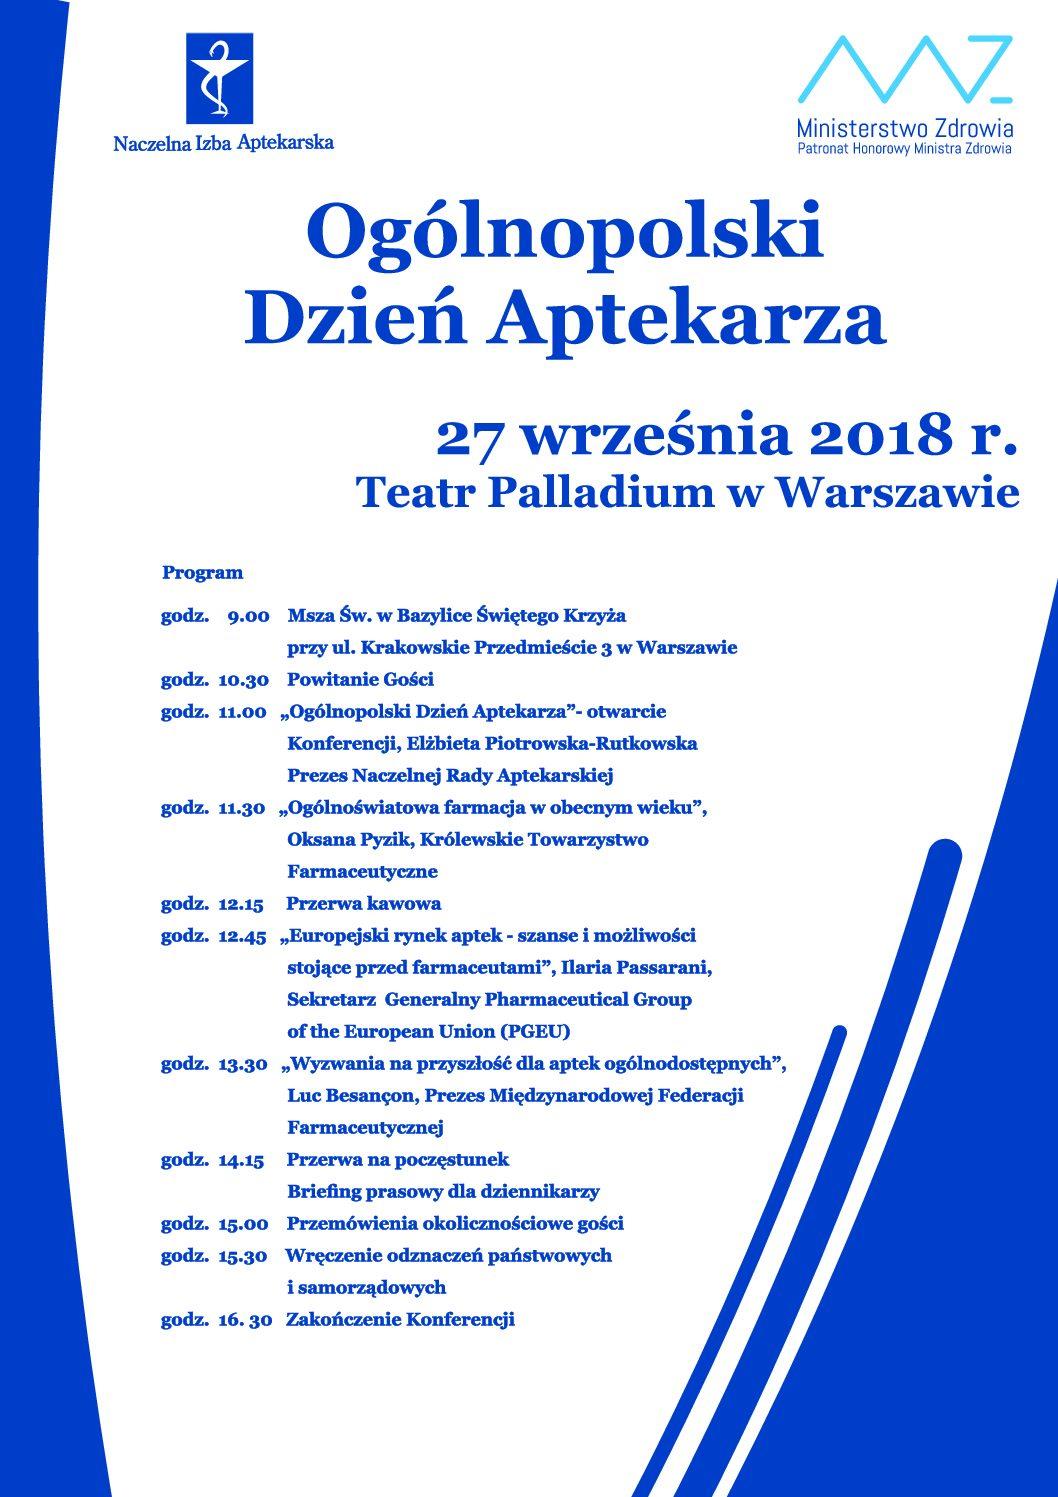 Ogólnopolski Dzień Aptekarza w Warszawie – 27 września 2018 r.